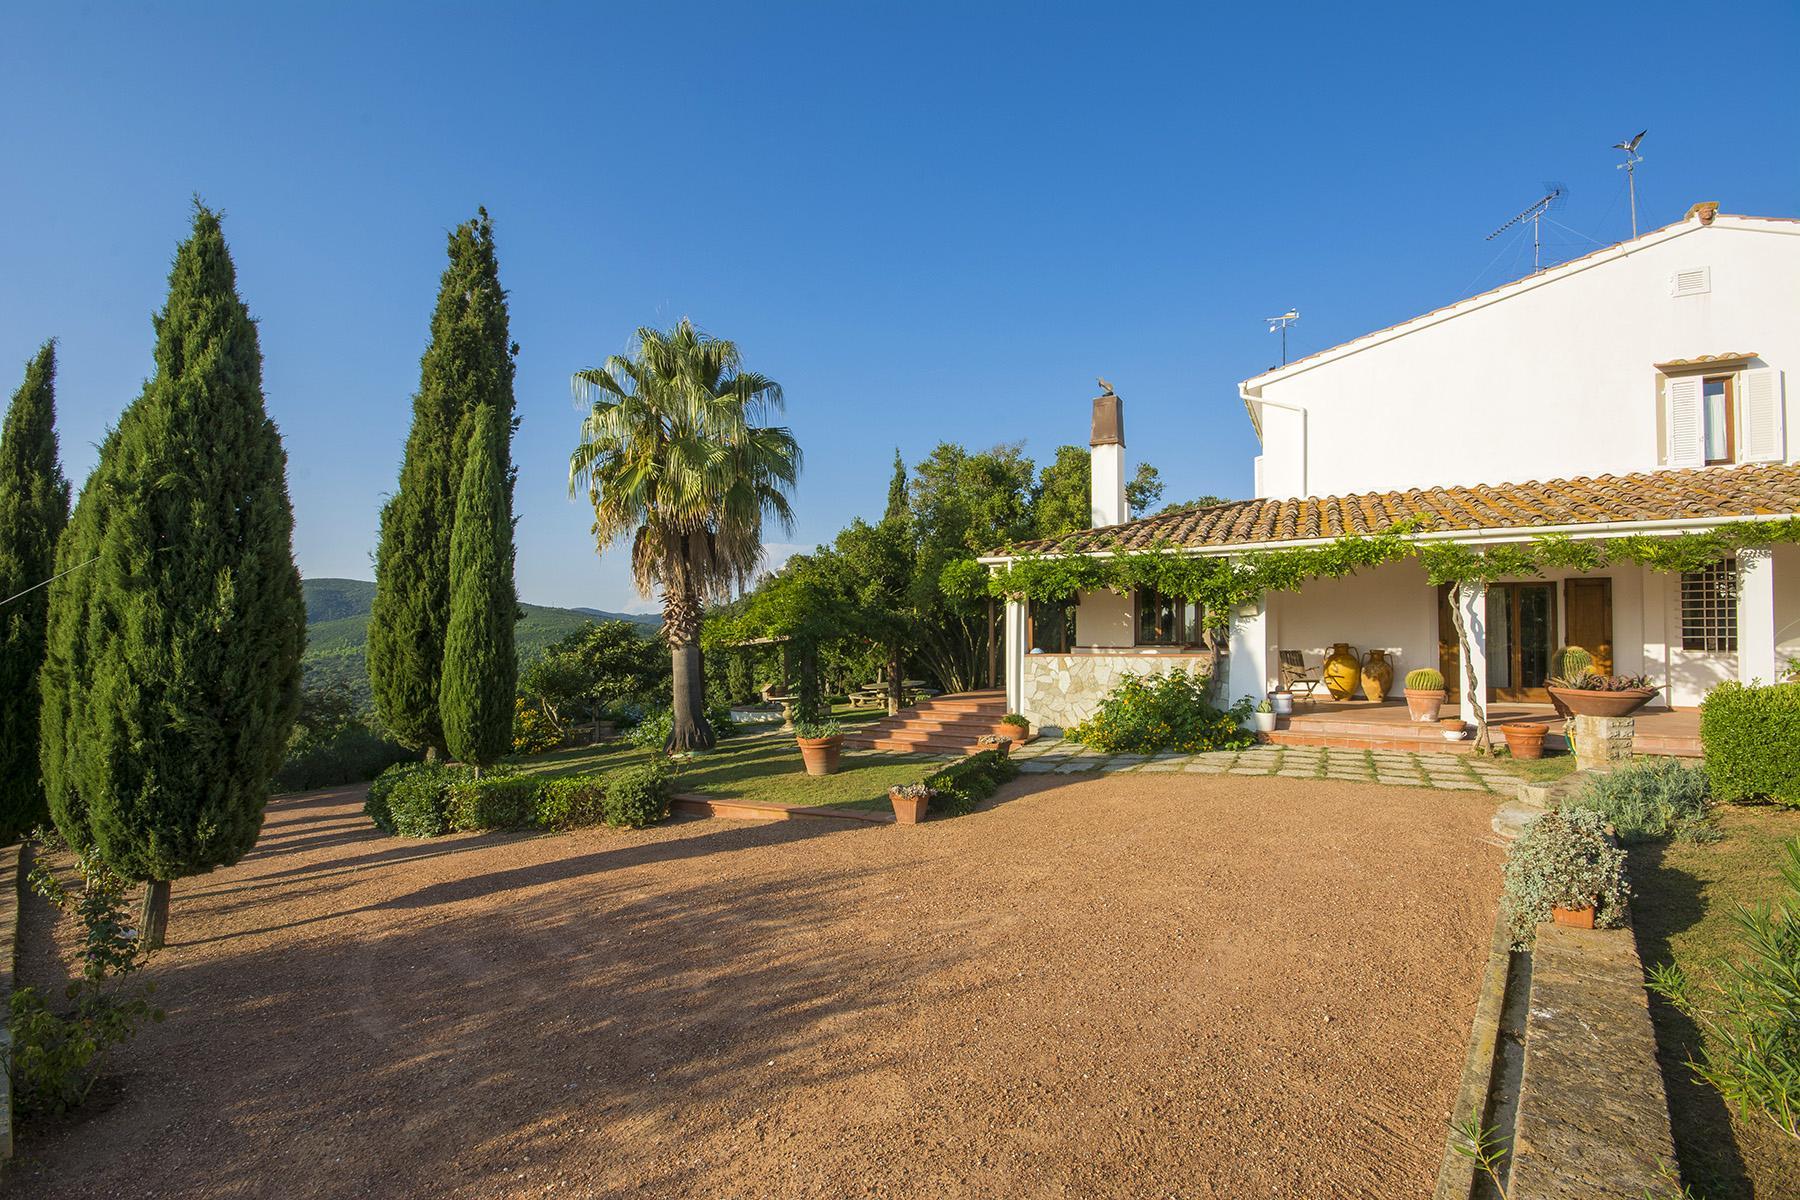 Wonderful villa with sea view close to Castiglioncello - 7